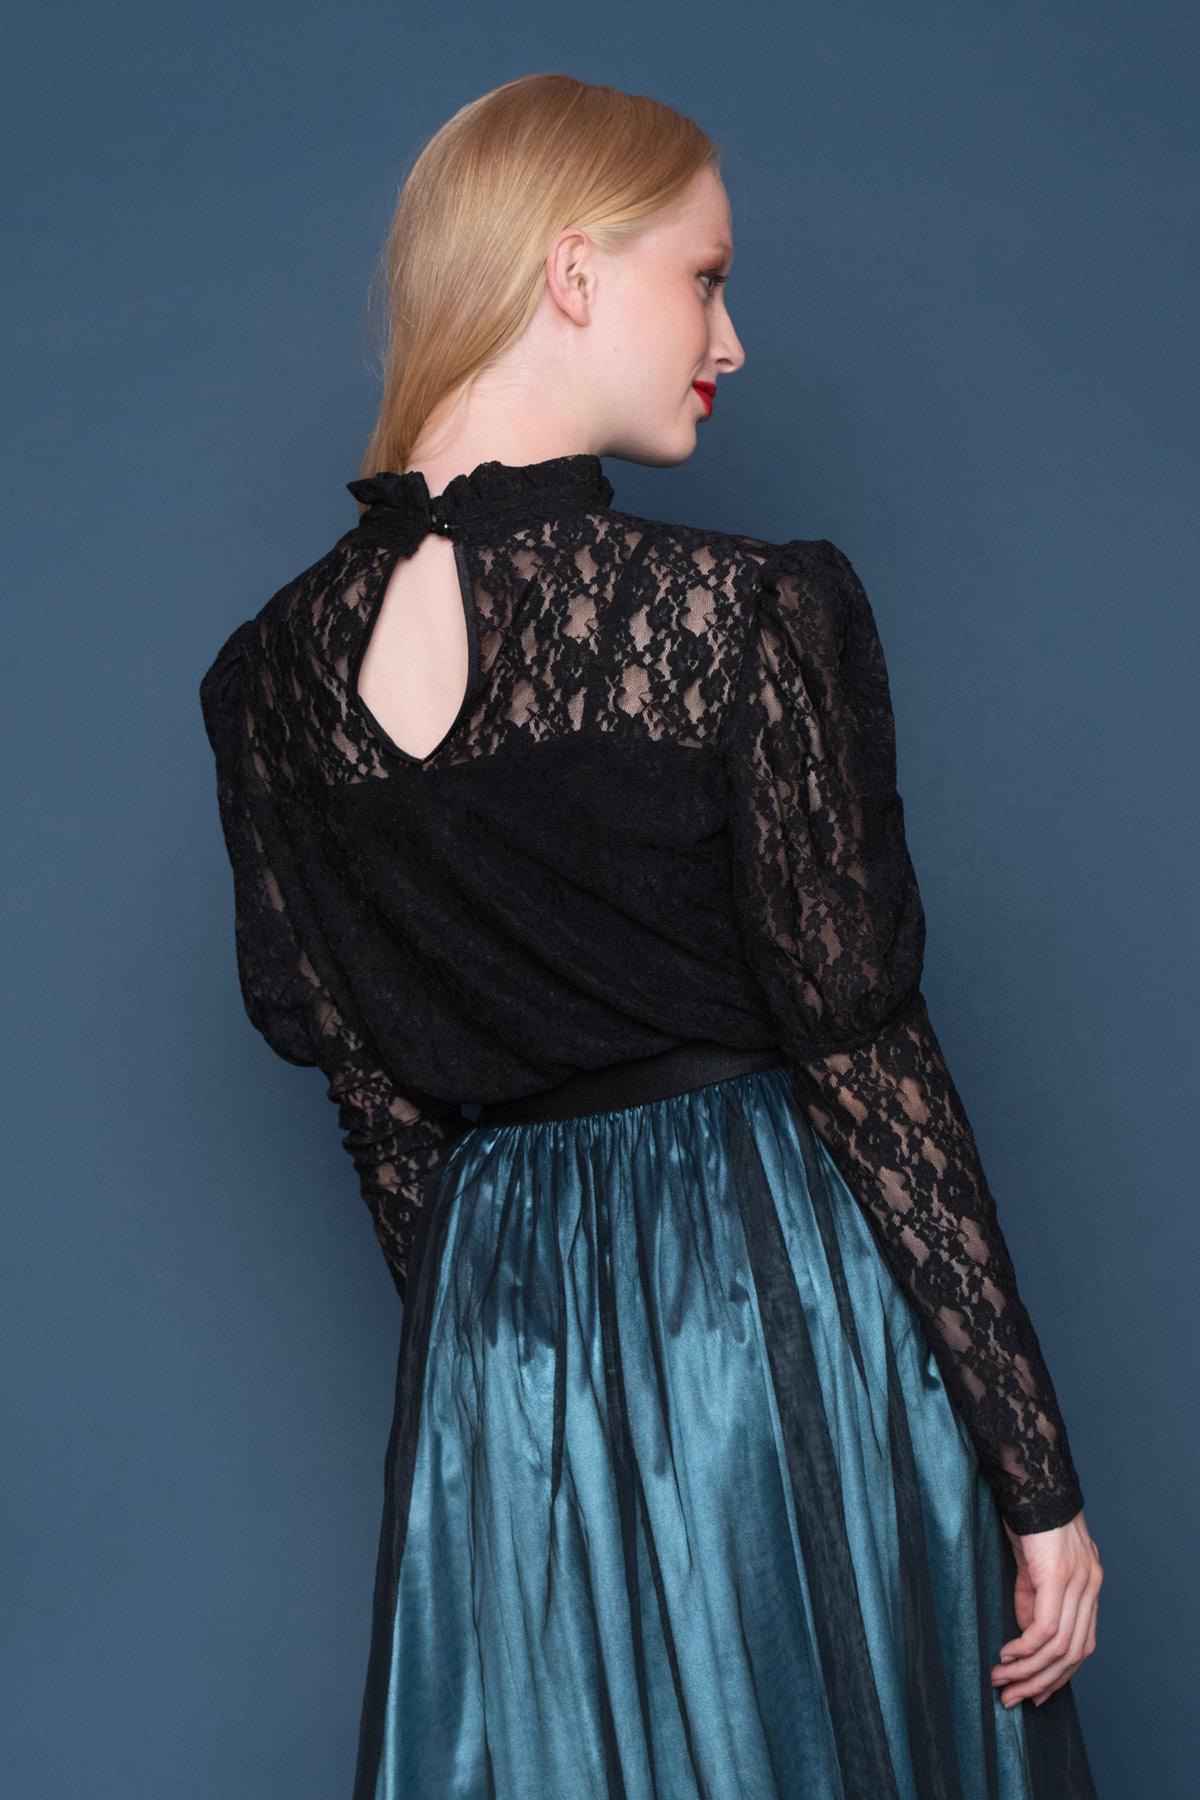 Δαντελένια μαύρη μπλούζα με μακριά μανίκια και ψηλό λαιμό, σε βικτωριανό ύφος, που δίνει στυλ σε κάθε outfit!